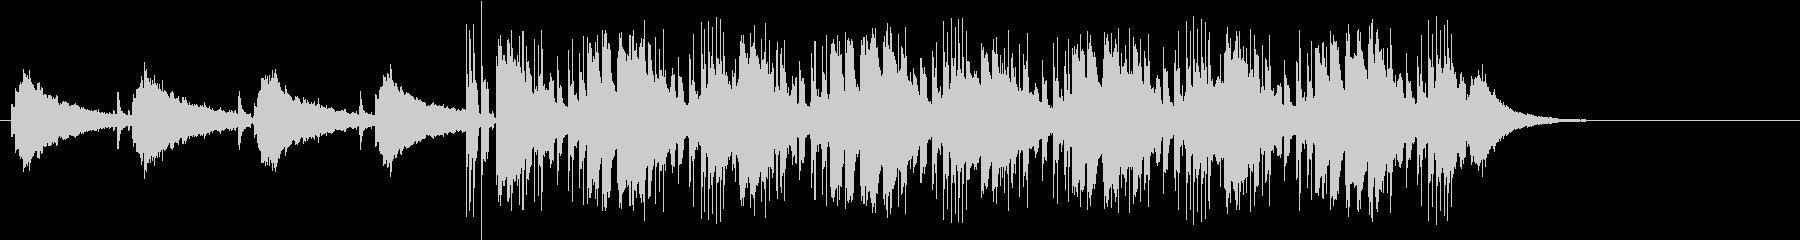 追跡感のあるマイナー・テーマ・ポップスの未再生の波形